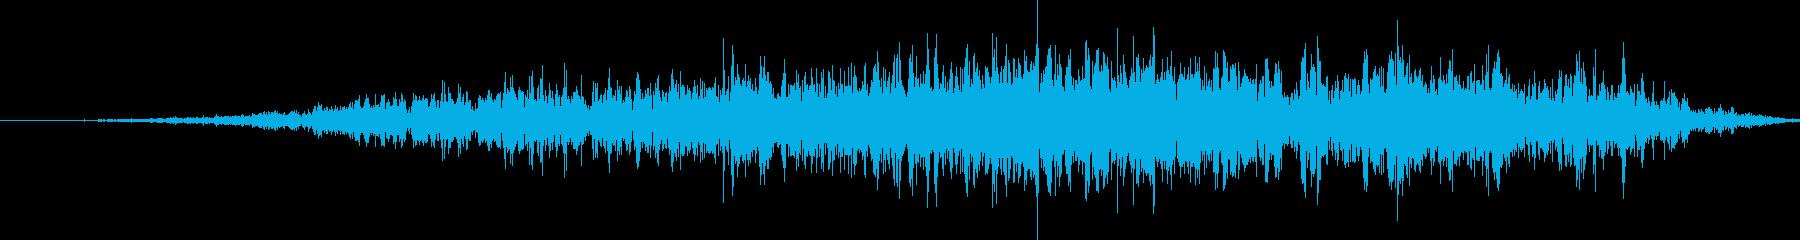 プーマ(クーガー)ヒス。長い、喉のヒス。の再生済みの波形